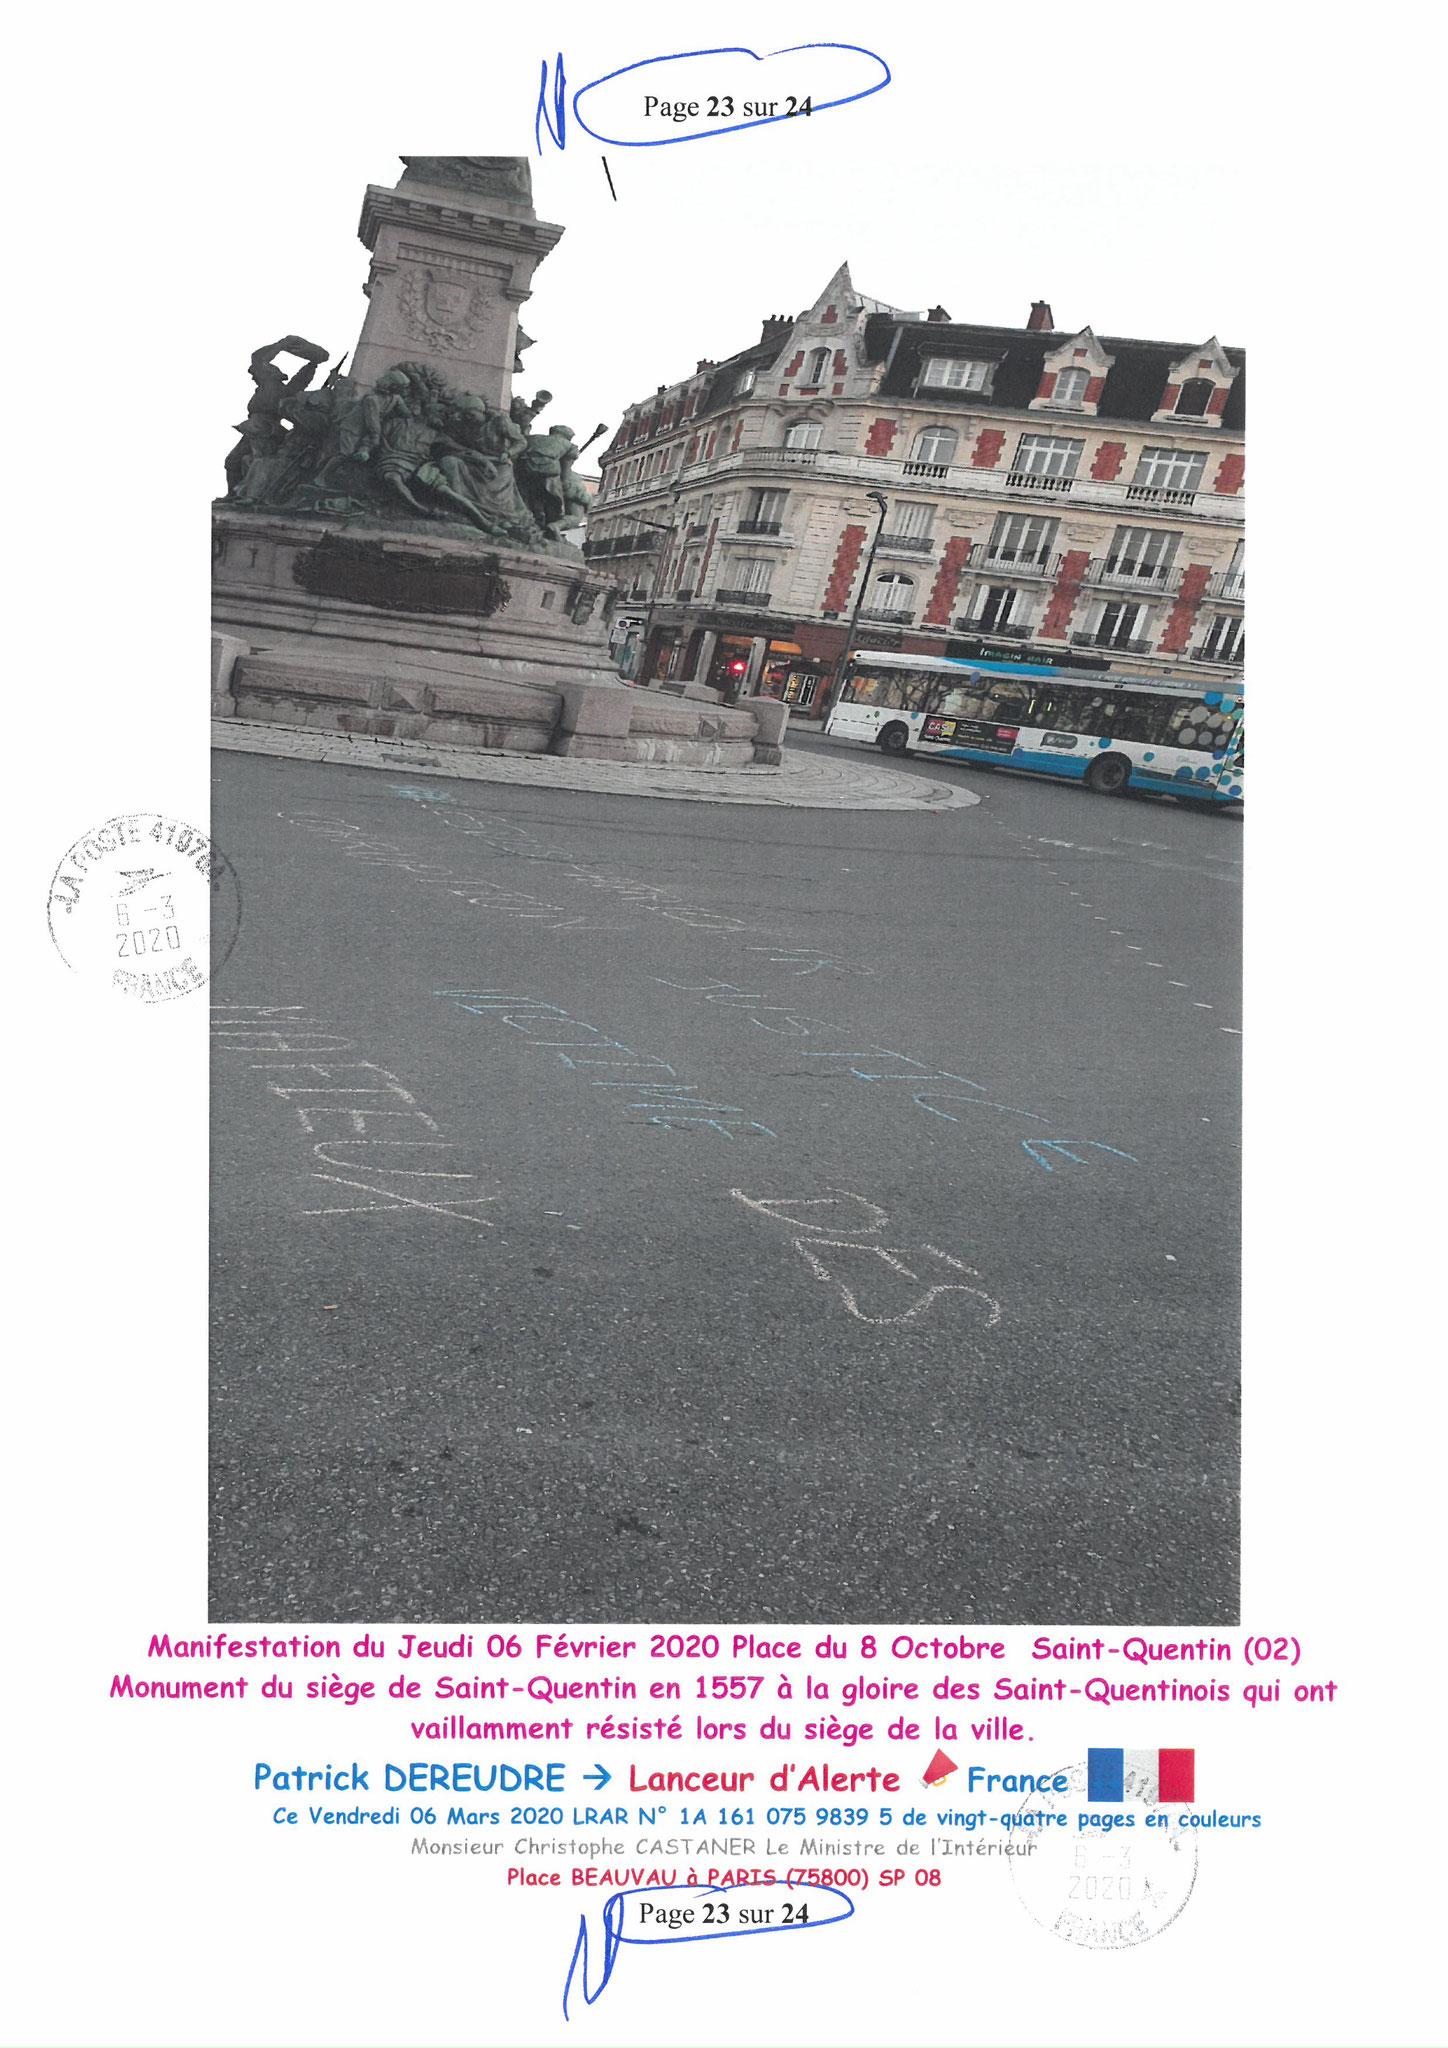 Ma LRAR à Monsieur le Ministre de l'Intérieur Christophe CASTANER N°1A 161 075 9839 5  Page 23 sur 24 en couleur du 06 Mars 2020  www.jesuispatrick.fr www.jesuisvictime.fr www.alerte-rouge-france.fr